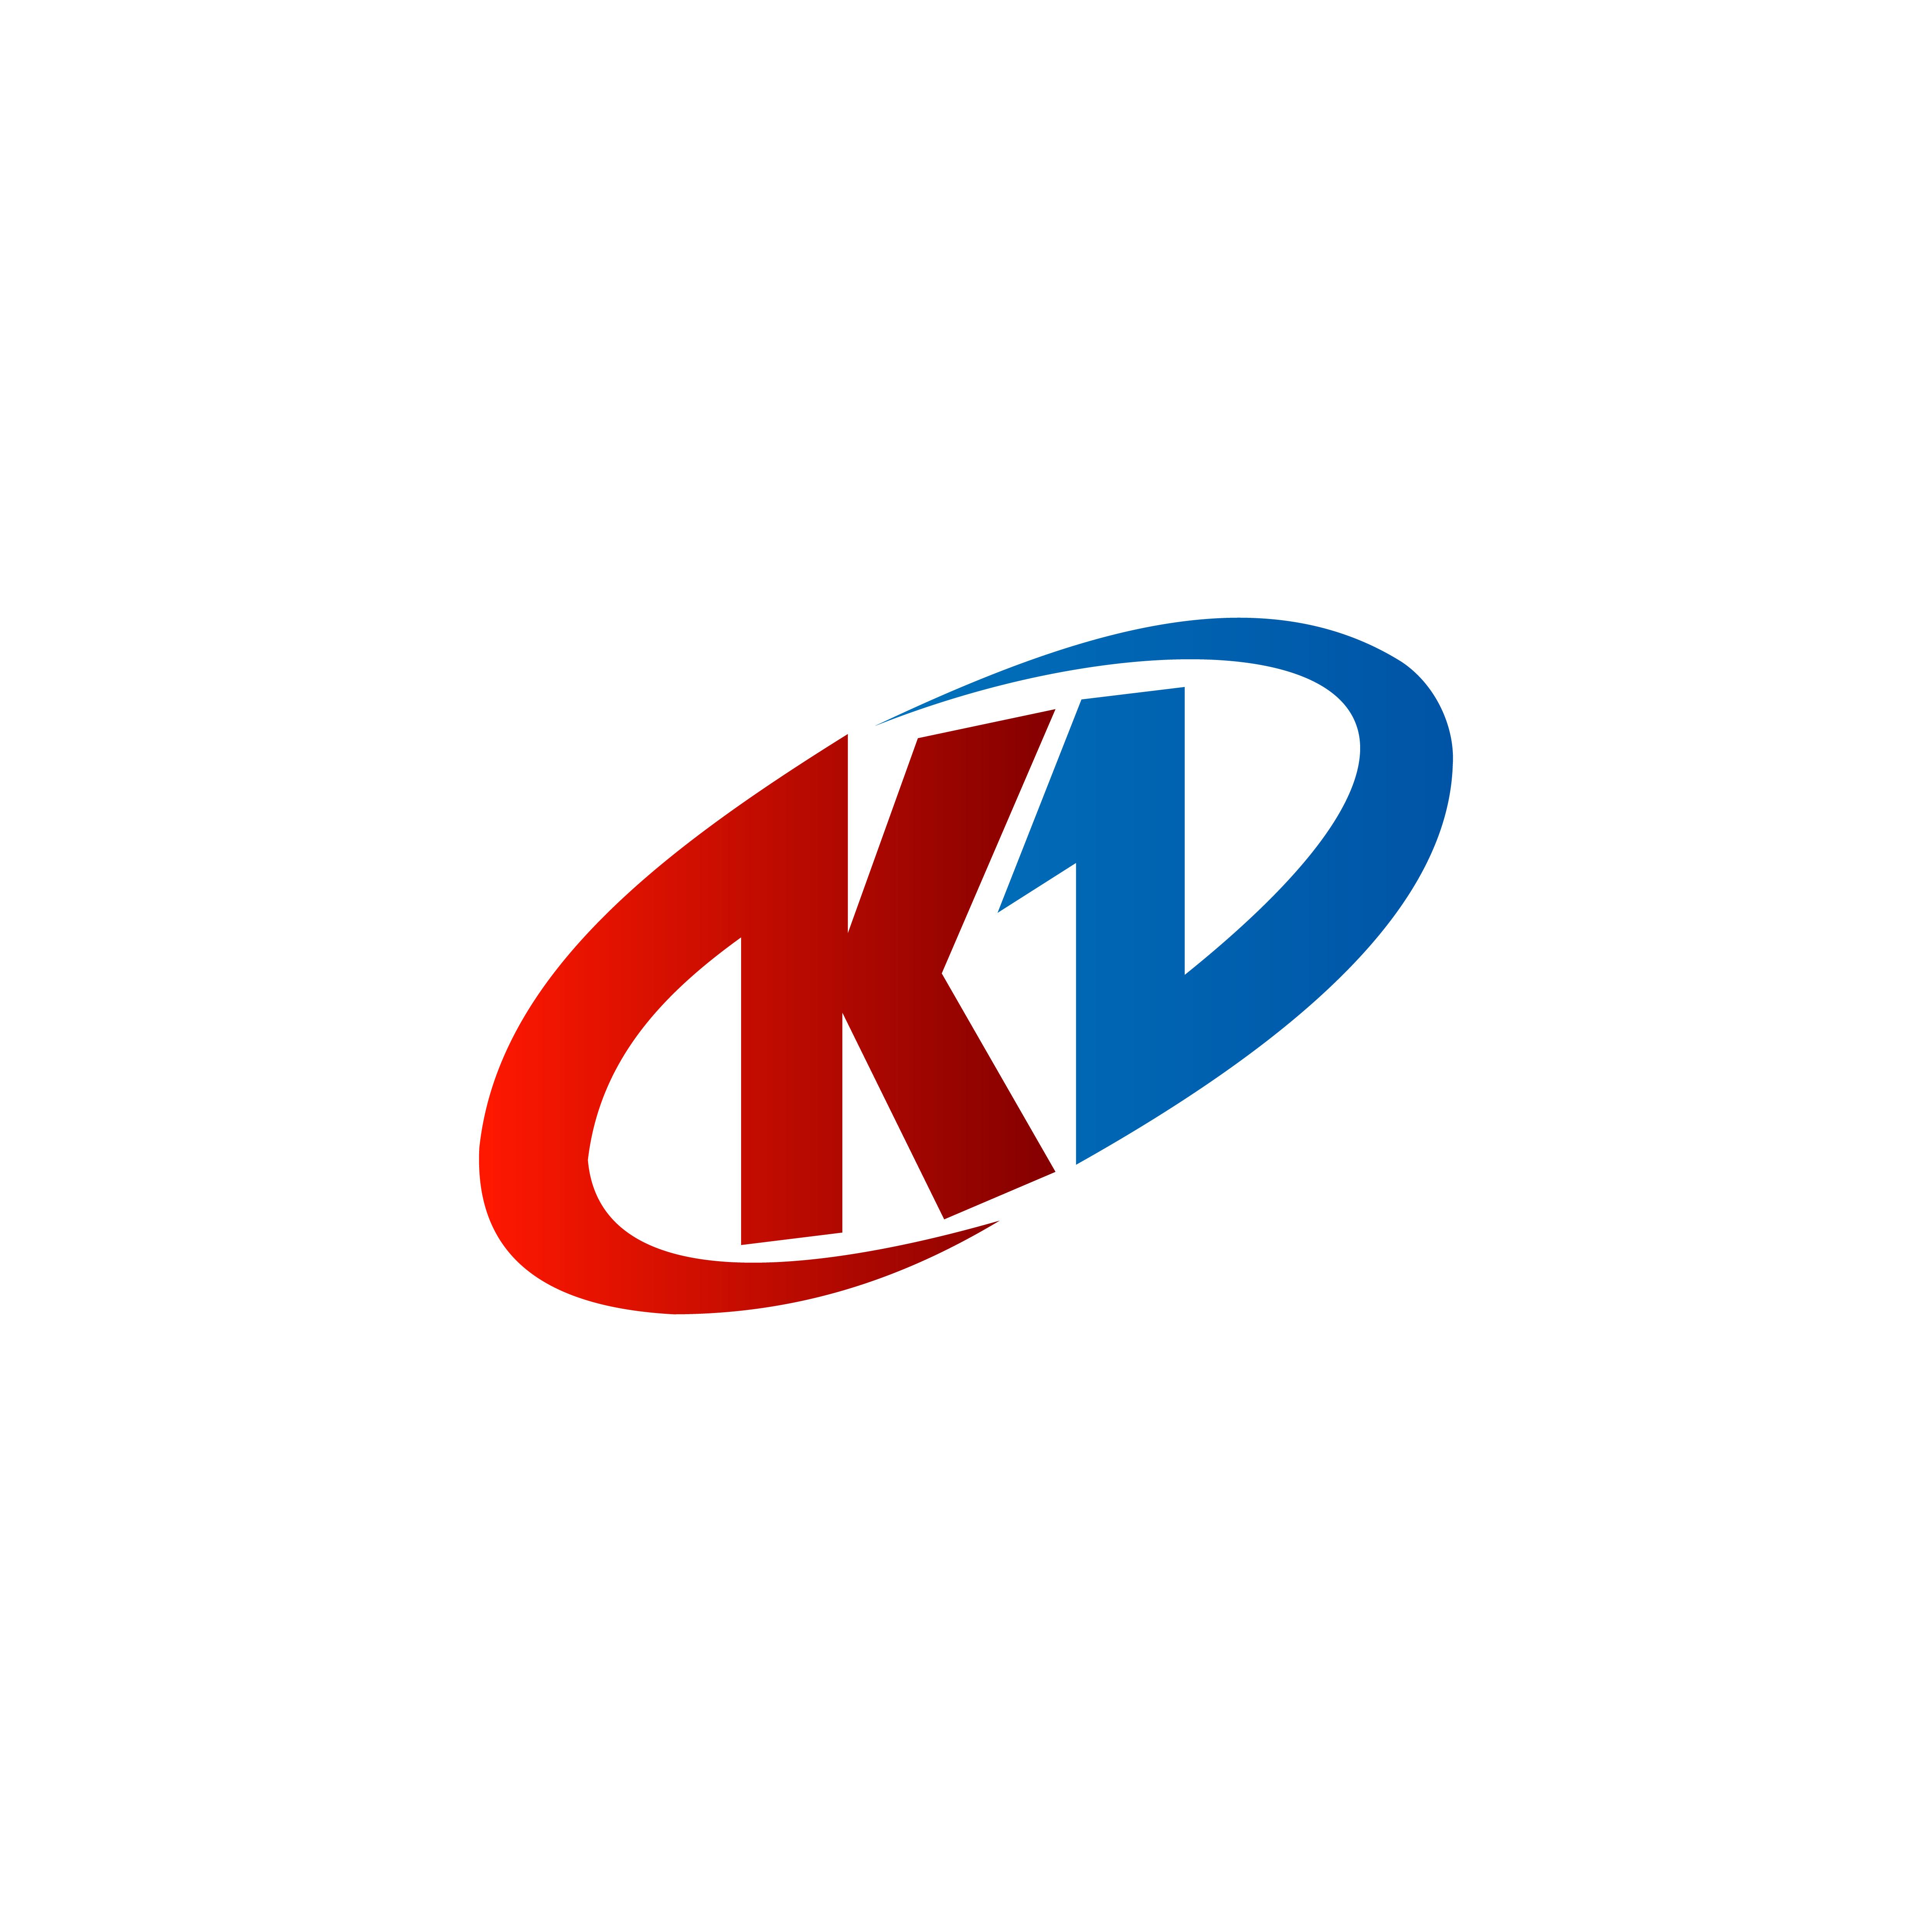 Modern Letter K Logo Concept:  Letter K Logo . Red Blue Color, Circle Logo Design Concept